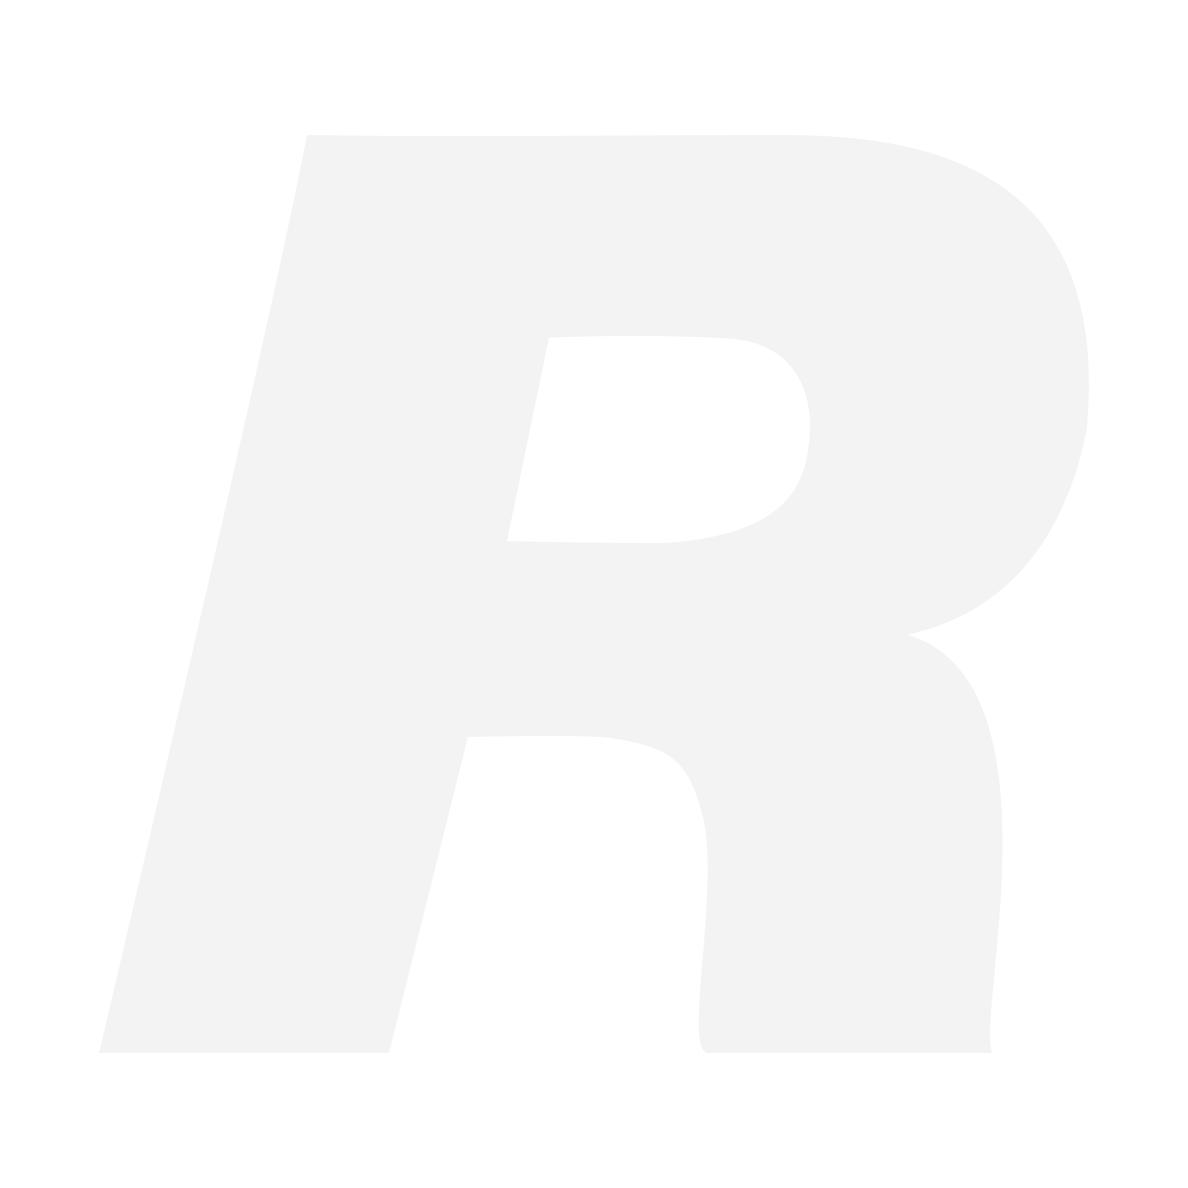 Rajala Julkort 10x18 - pris från 4.90kr